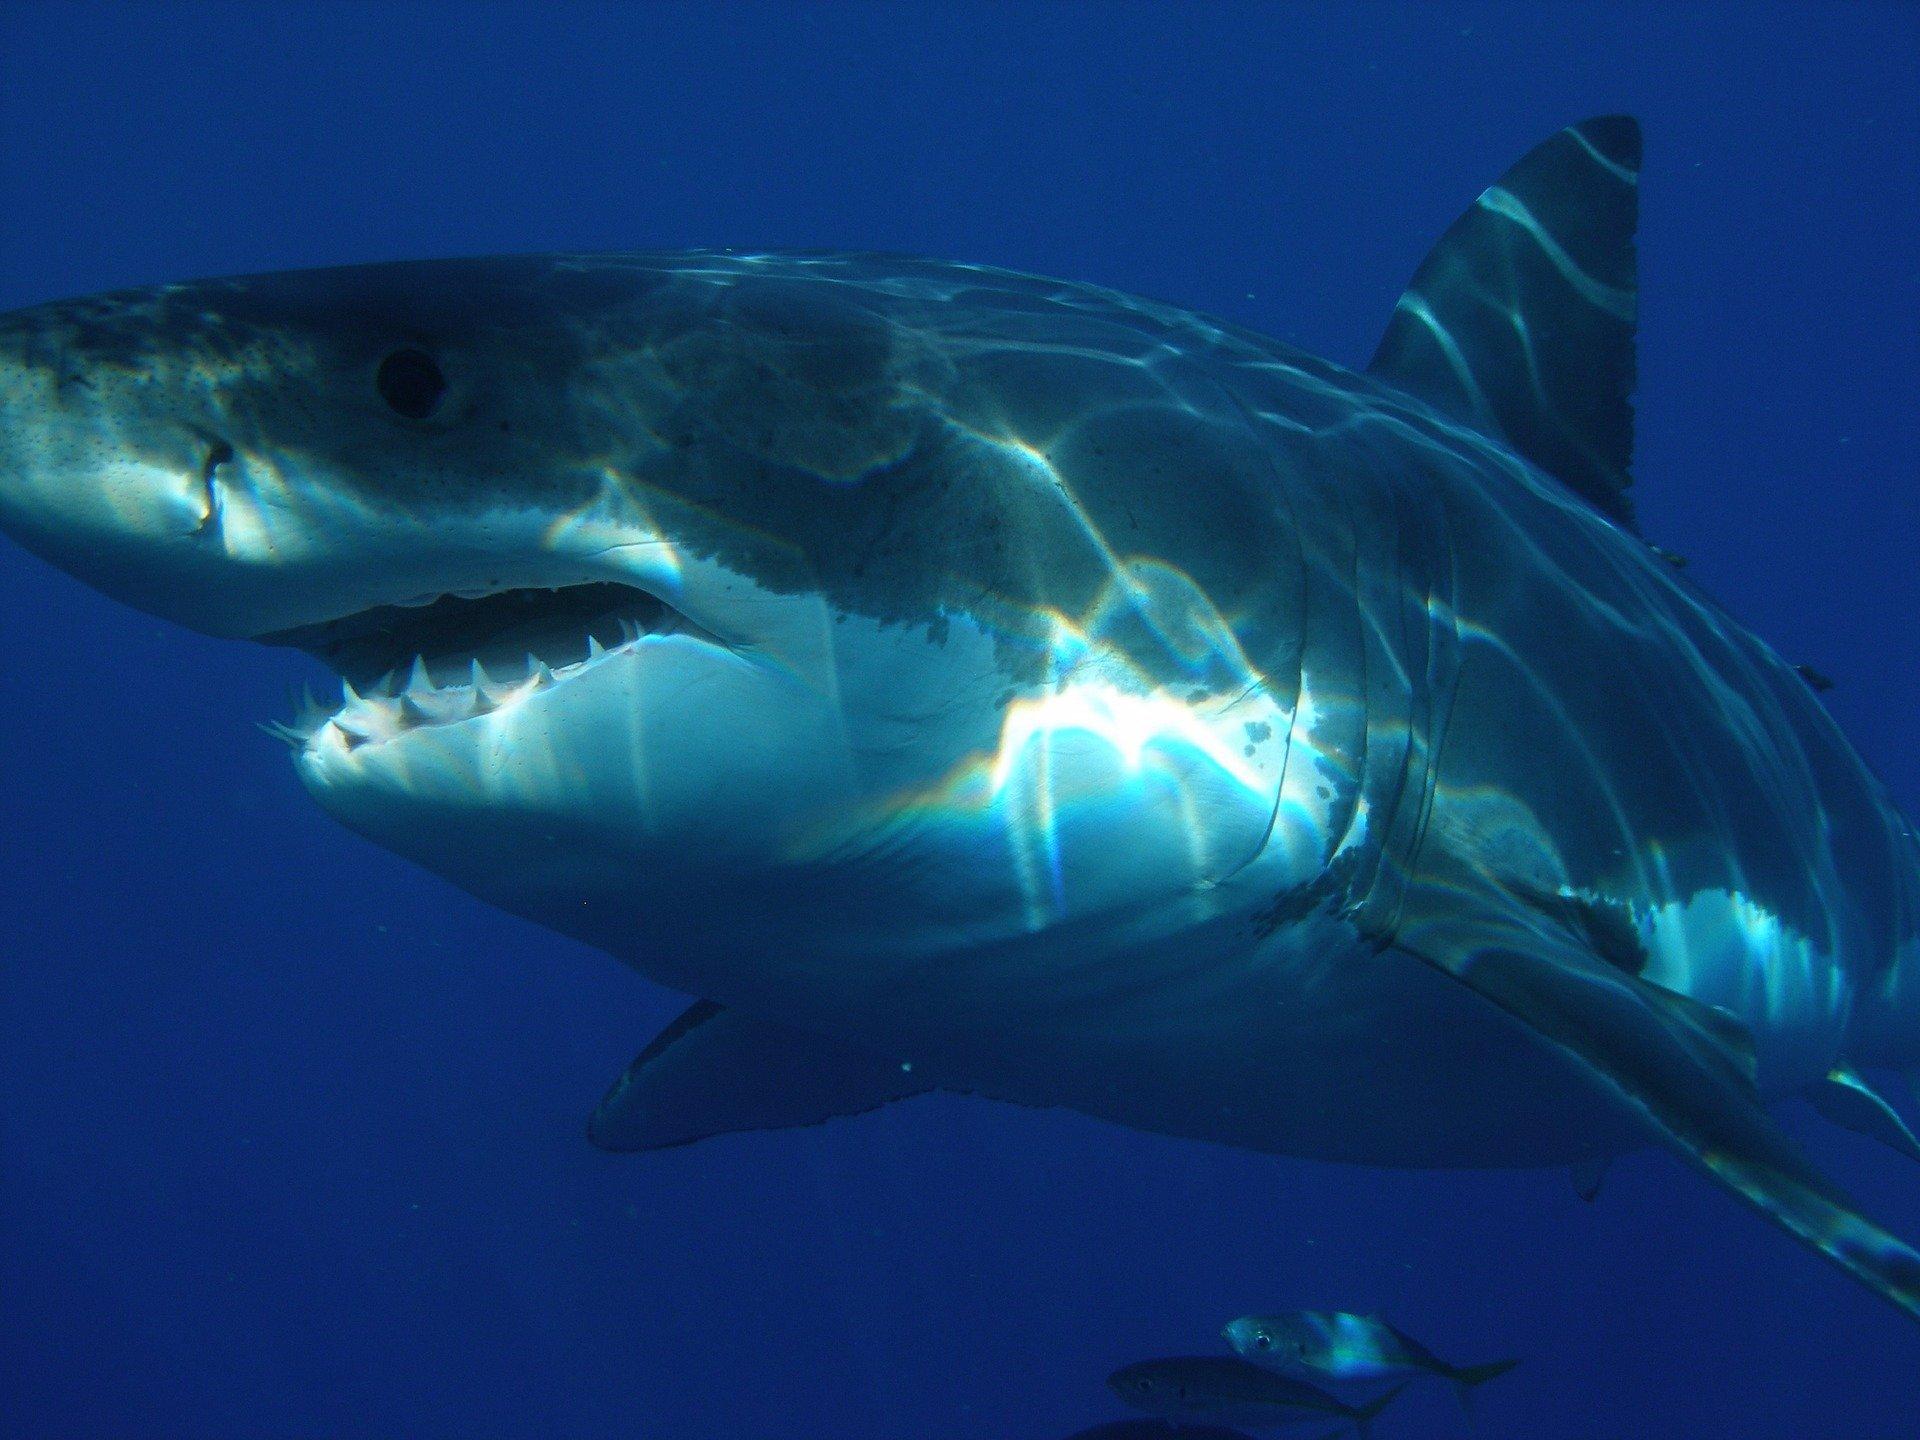 Smrtelný útok krvežíznivého žraloka: Mladíkovi (†17) nebylo pomoci, zraněním podlehl na pláži